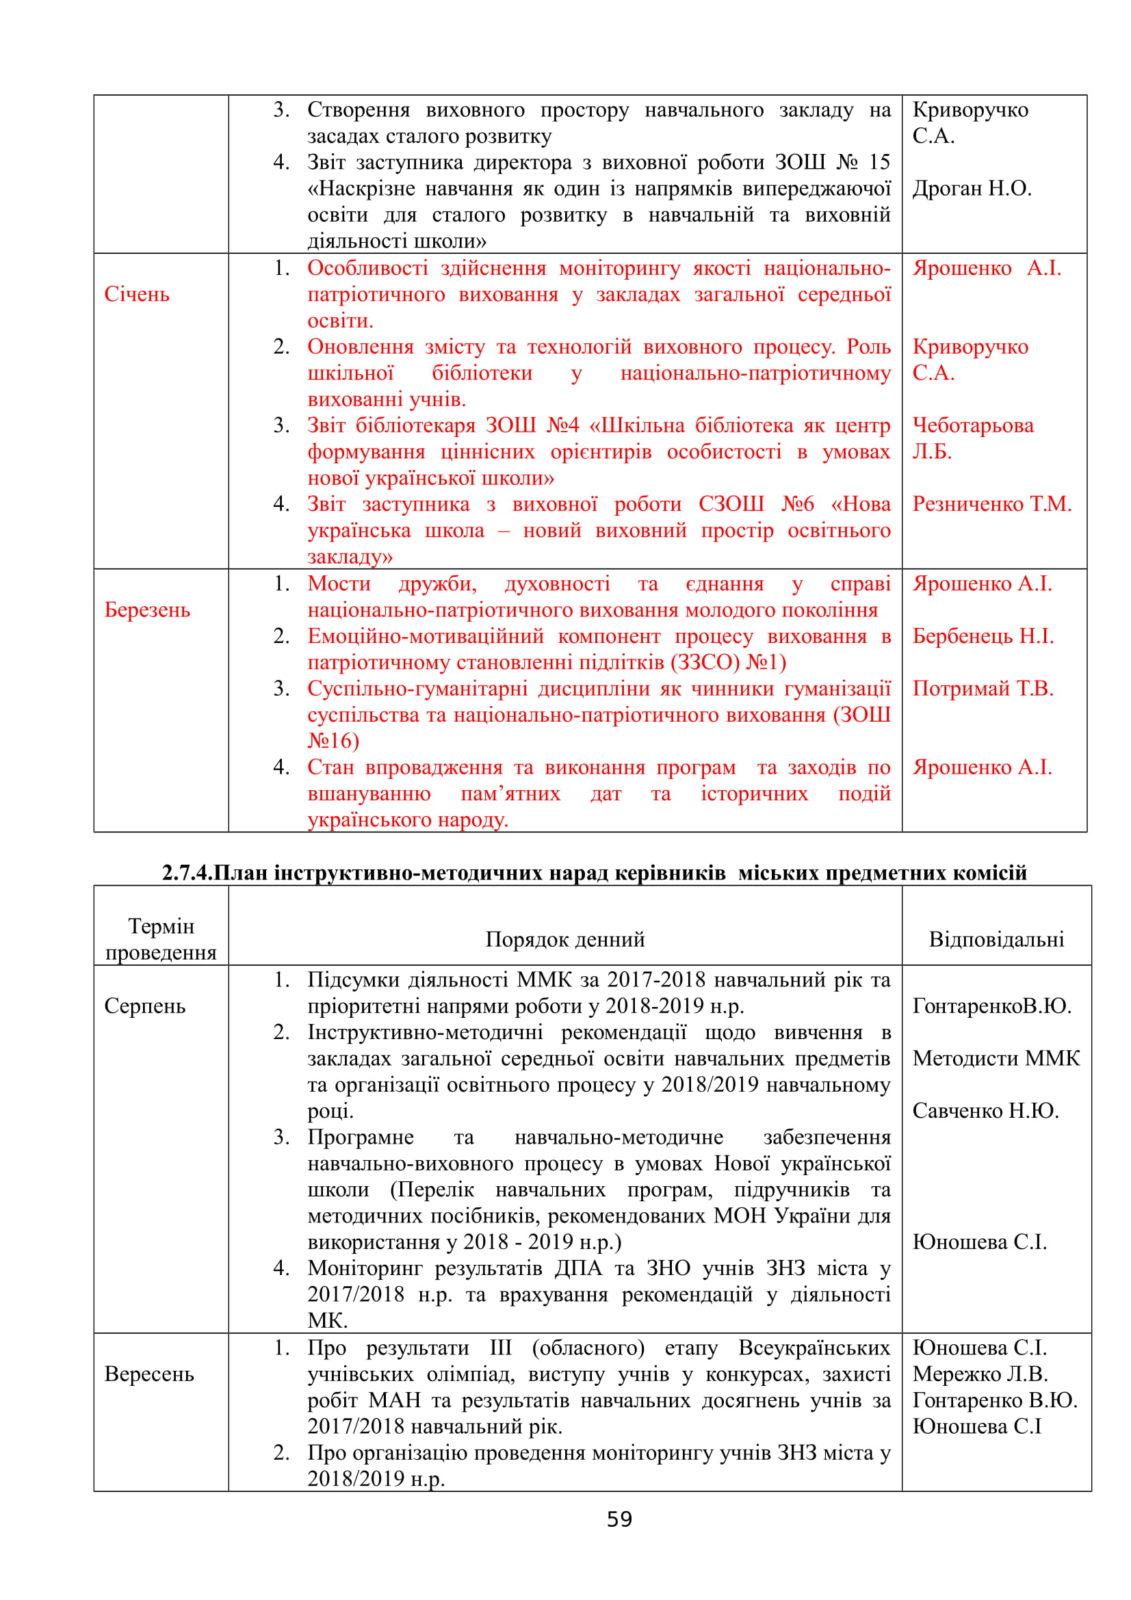 Костянтинівка 2018-2019 - ММК план роботи-60